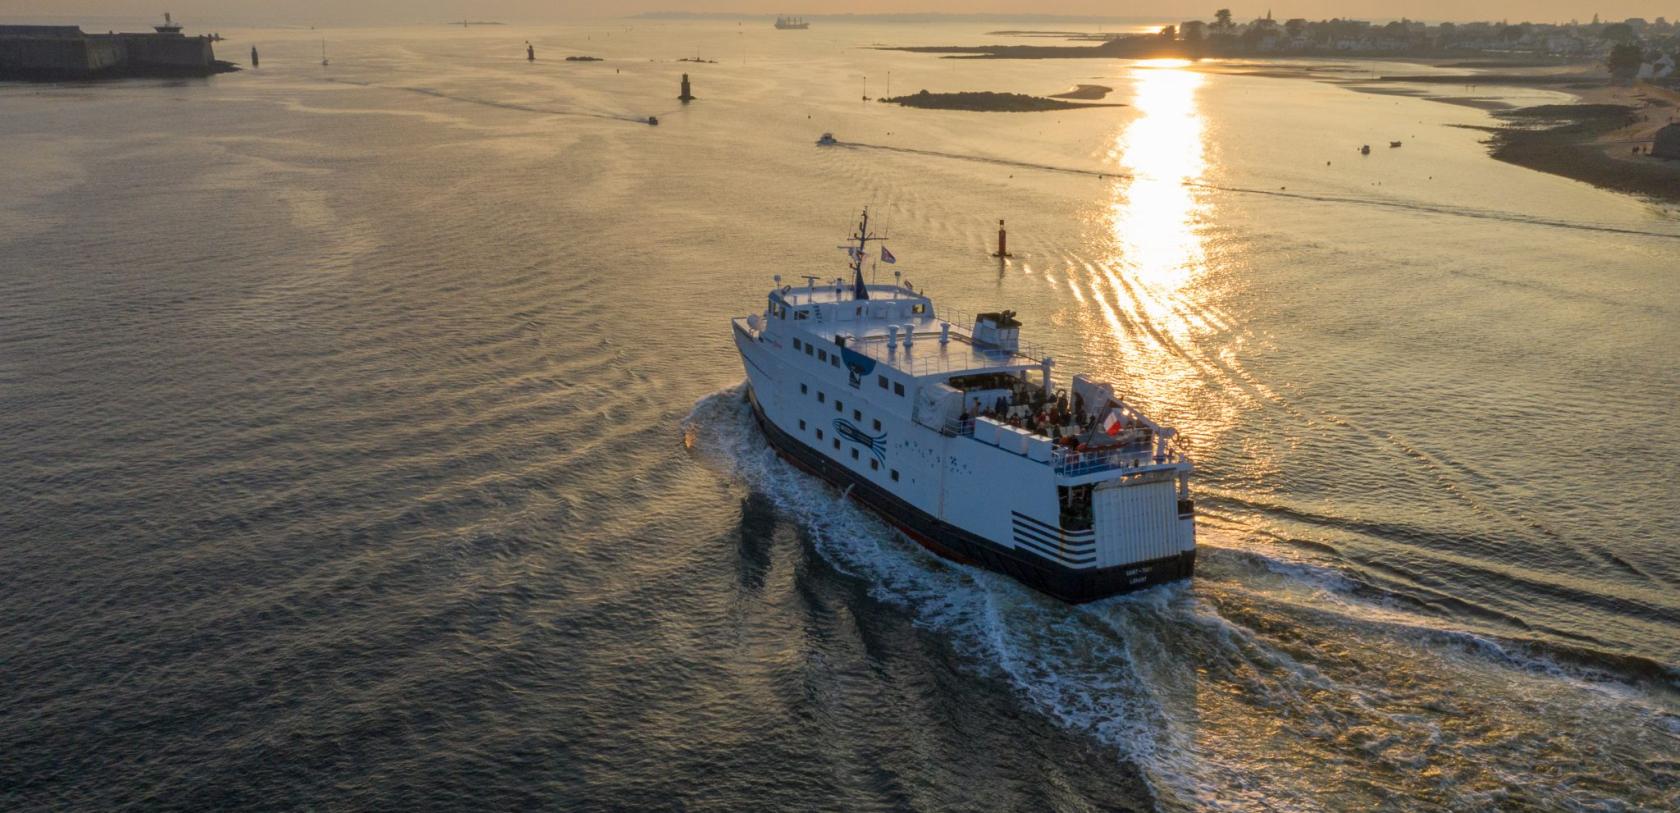 Vue aérienne du bateau de Groix sortant de la rade de Lorient au soleil couchant